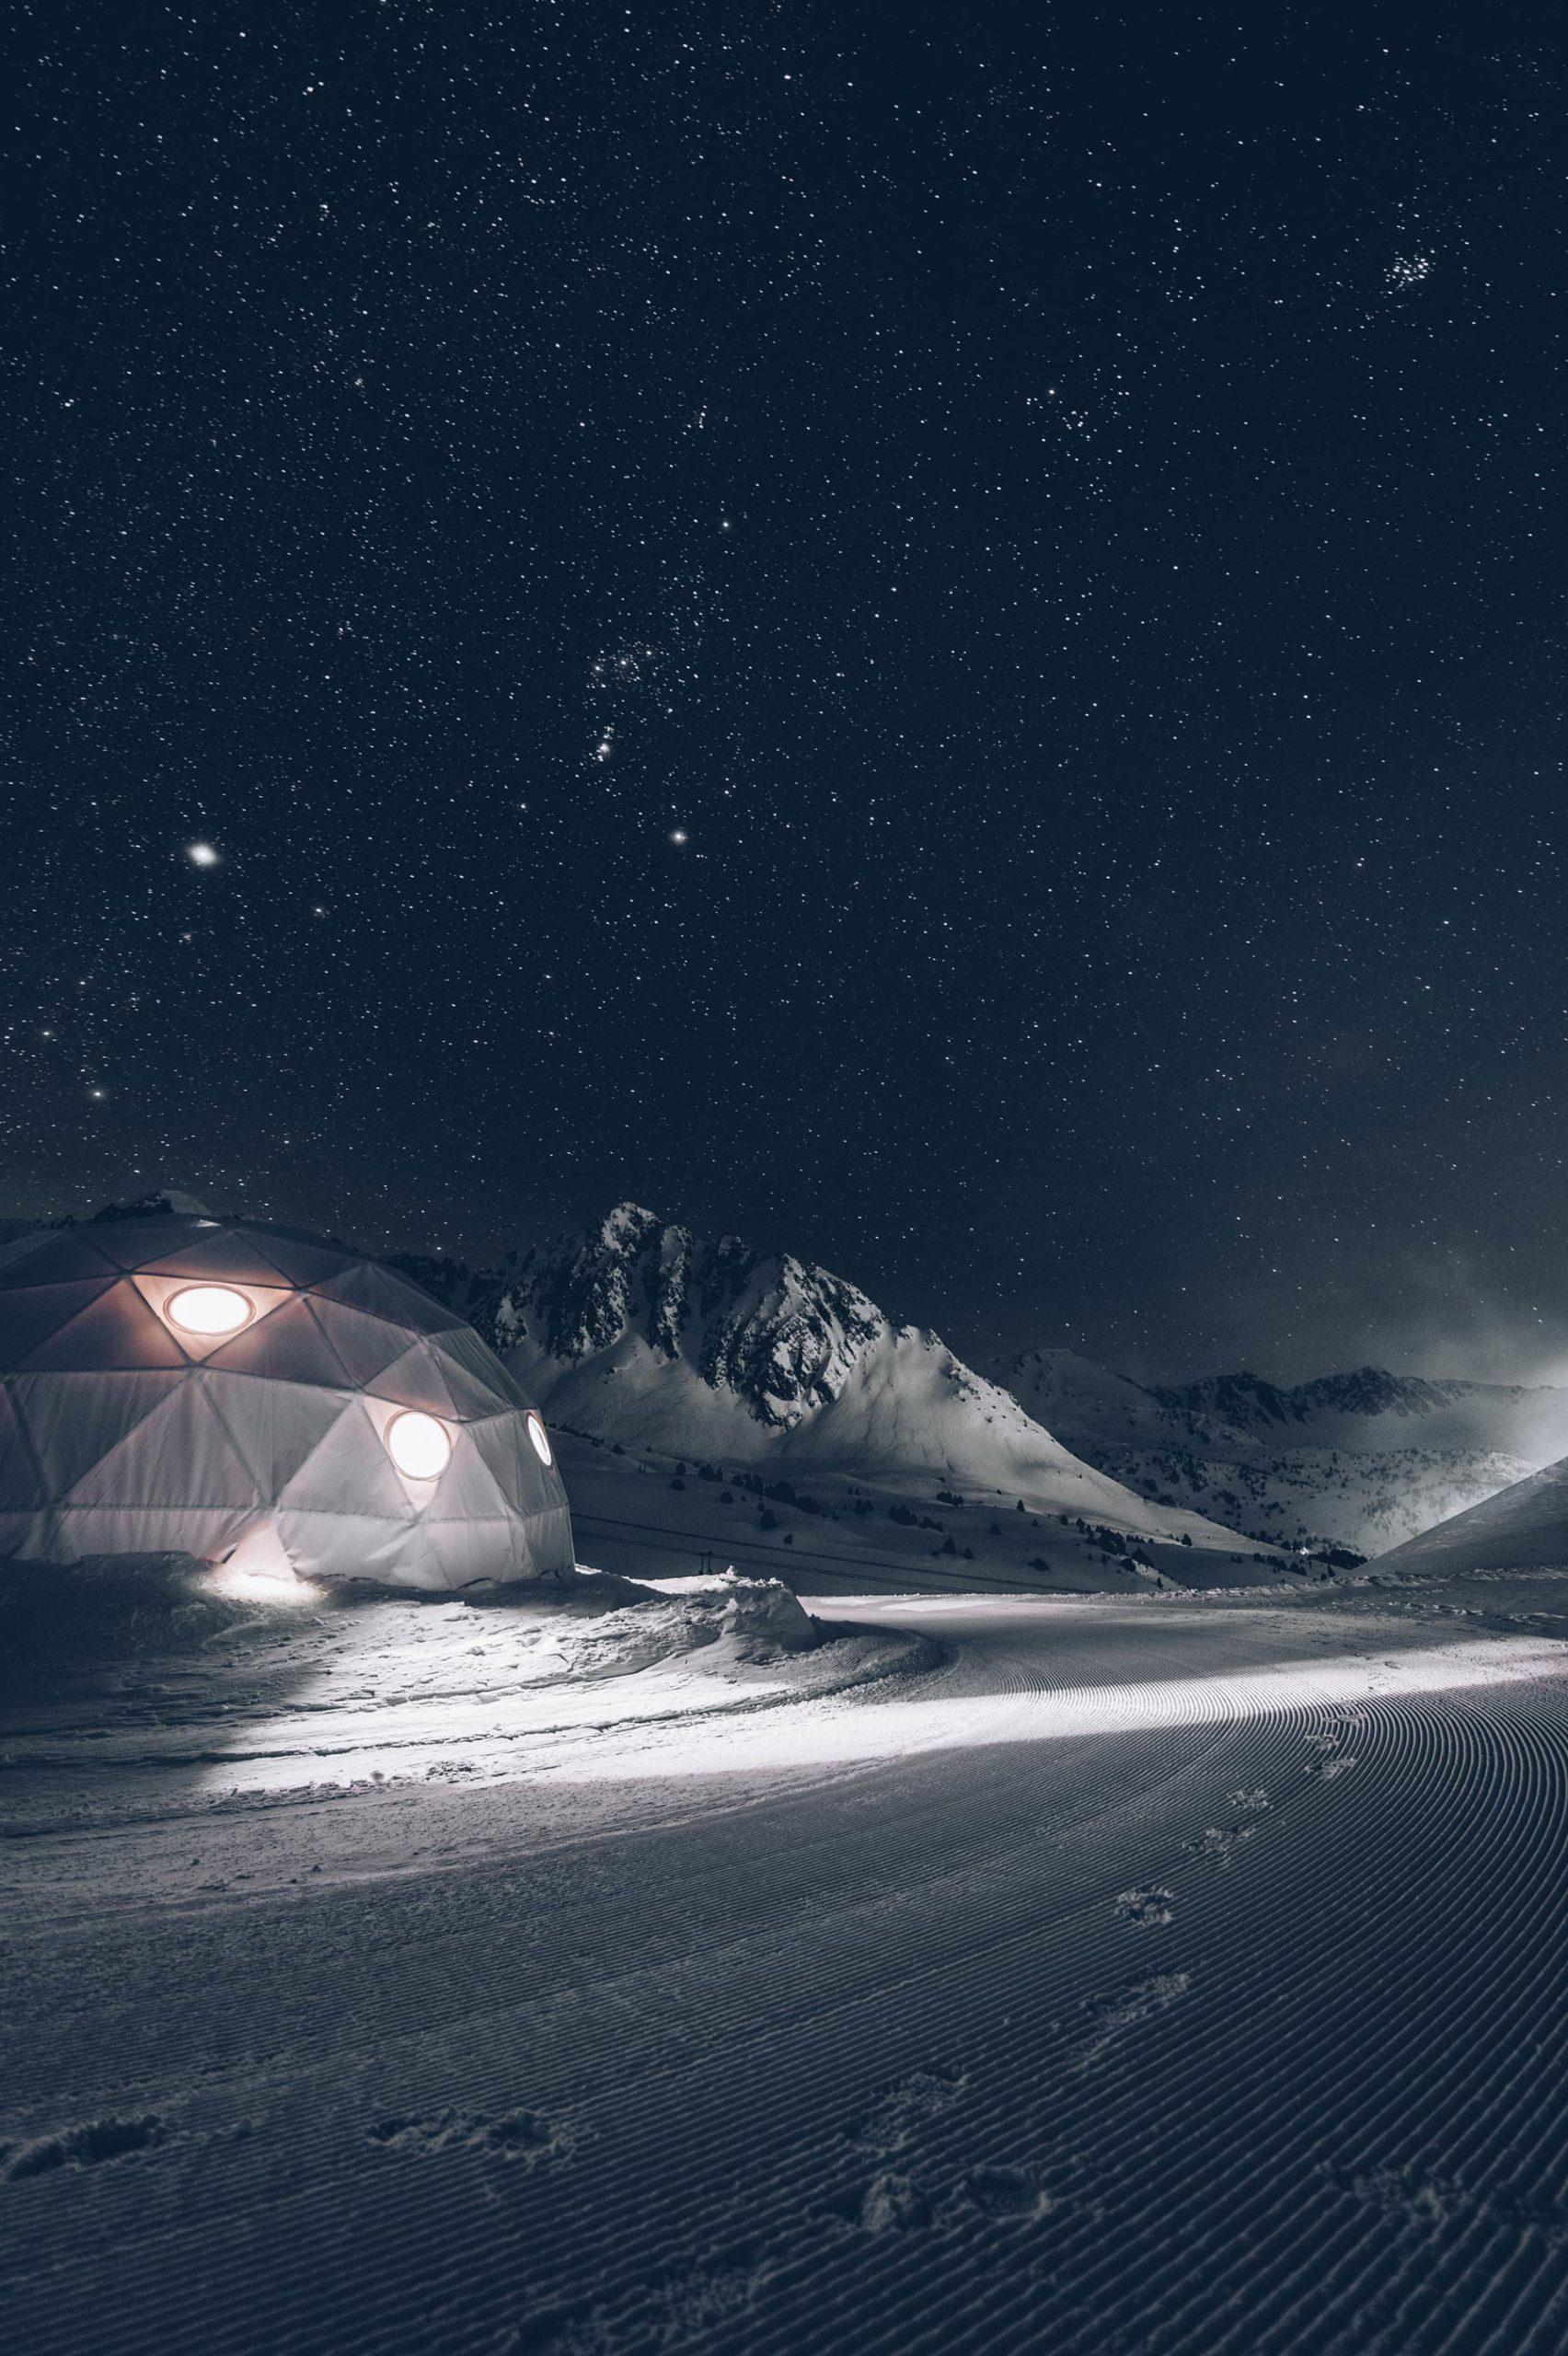 Nuit en dome sur les pistes, Andorre